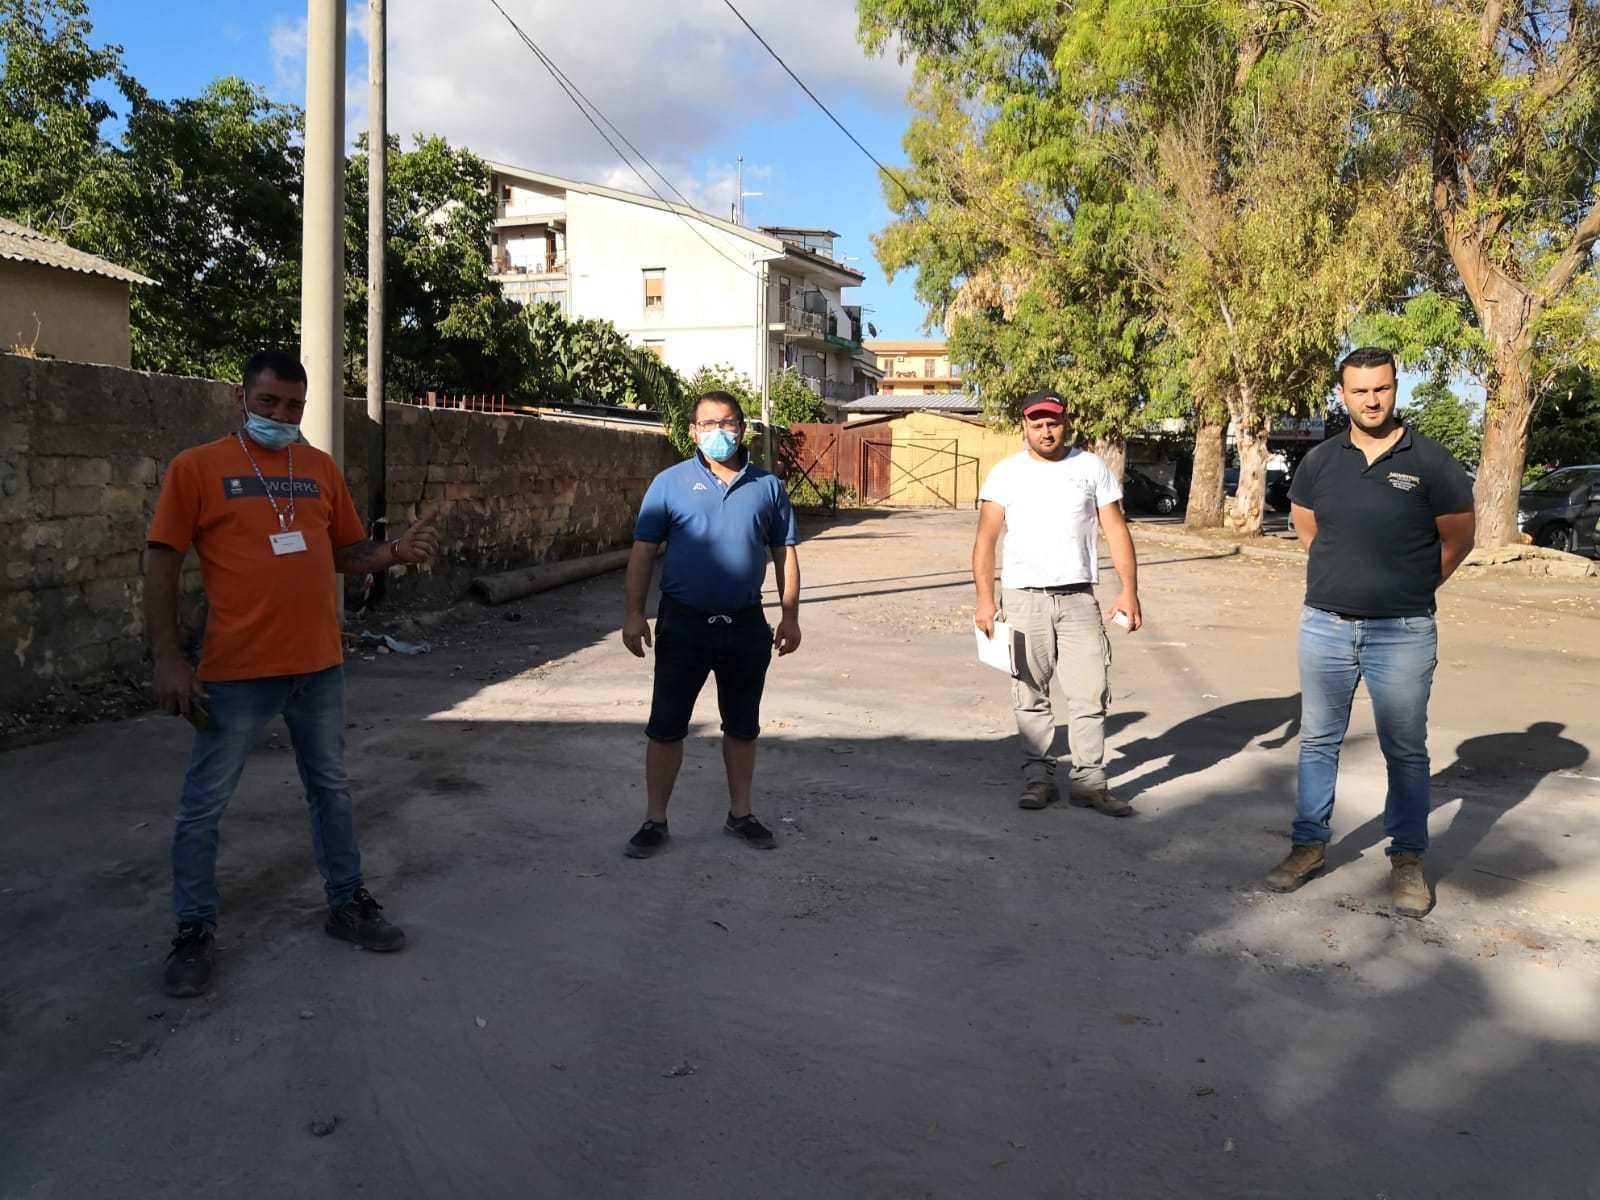 Percettori del reddito di cittadinanza e privati insieme per il decoro di Monreale, bonificato piazzale Cirba